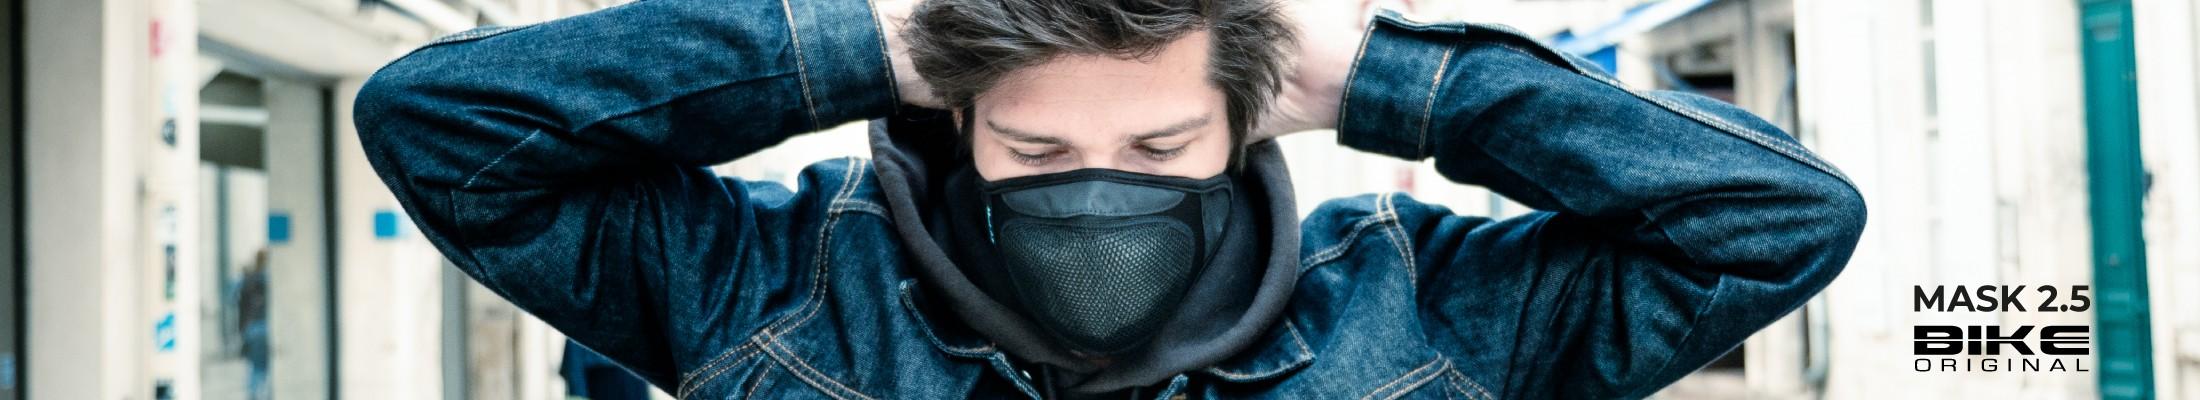 Découvrez le masque filtrant anti-pollution breveté BIKE ORIGINAL